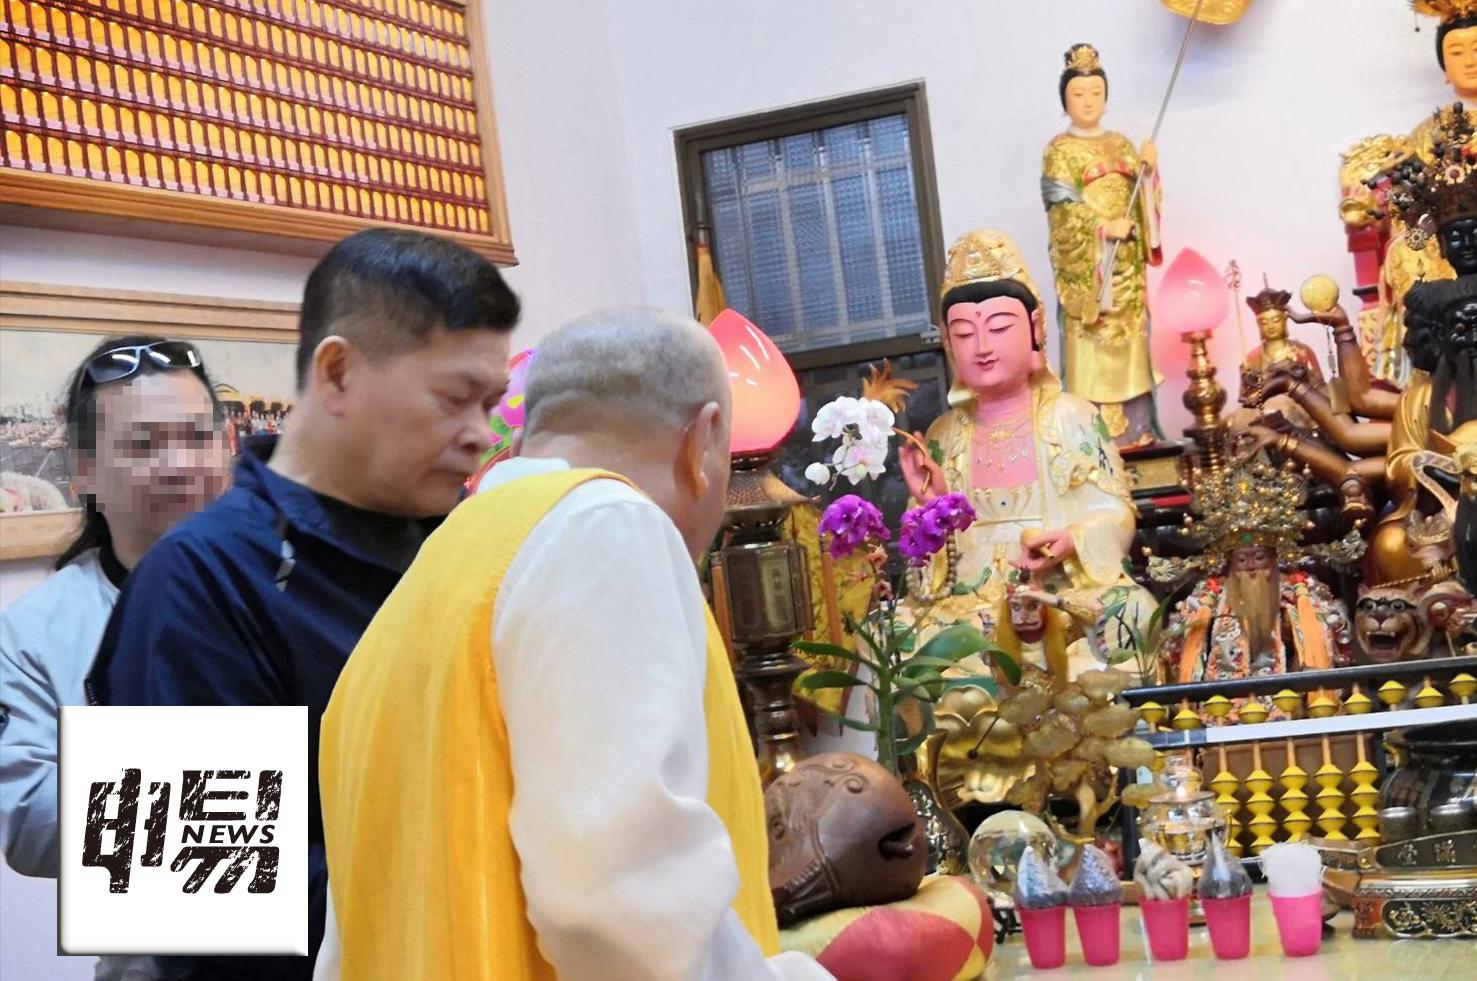 澎恰恰在友人的陪伴下出現在台中東勢,一家剛開放祭拜的財神廟,在廟方的安排下行禮如儀